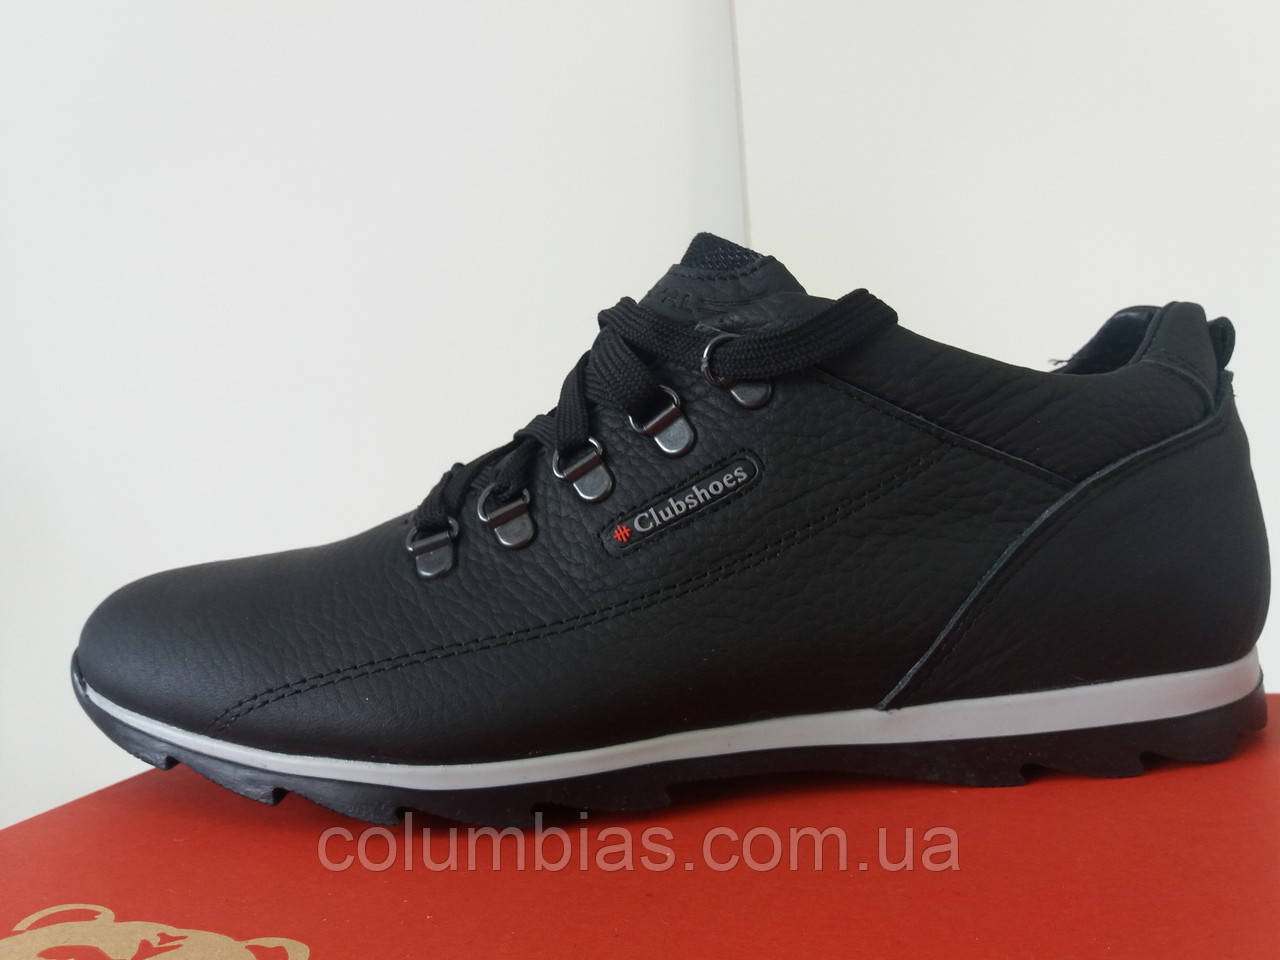 Польская осенняя обувь Columbiia шуз